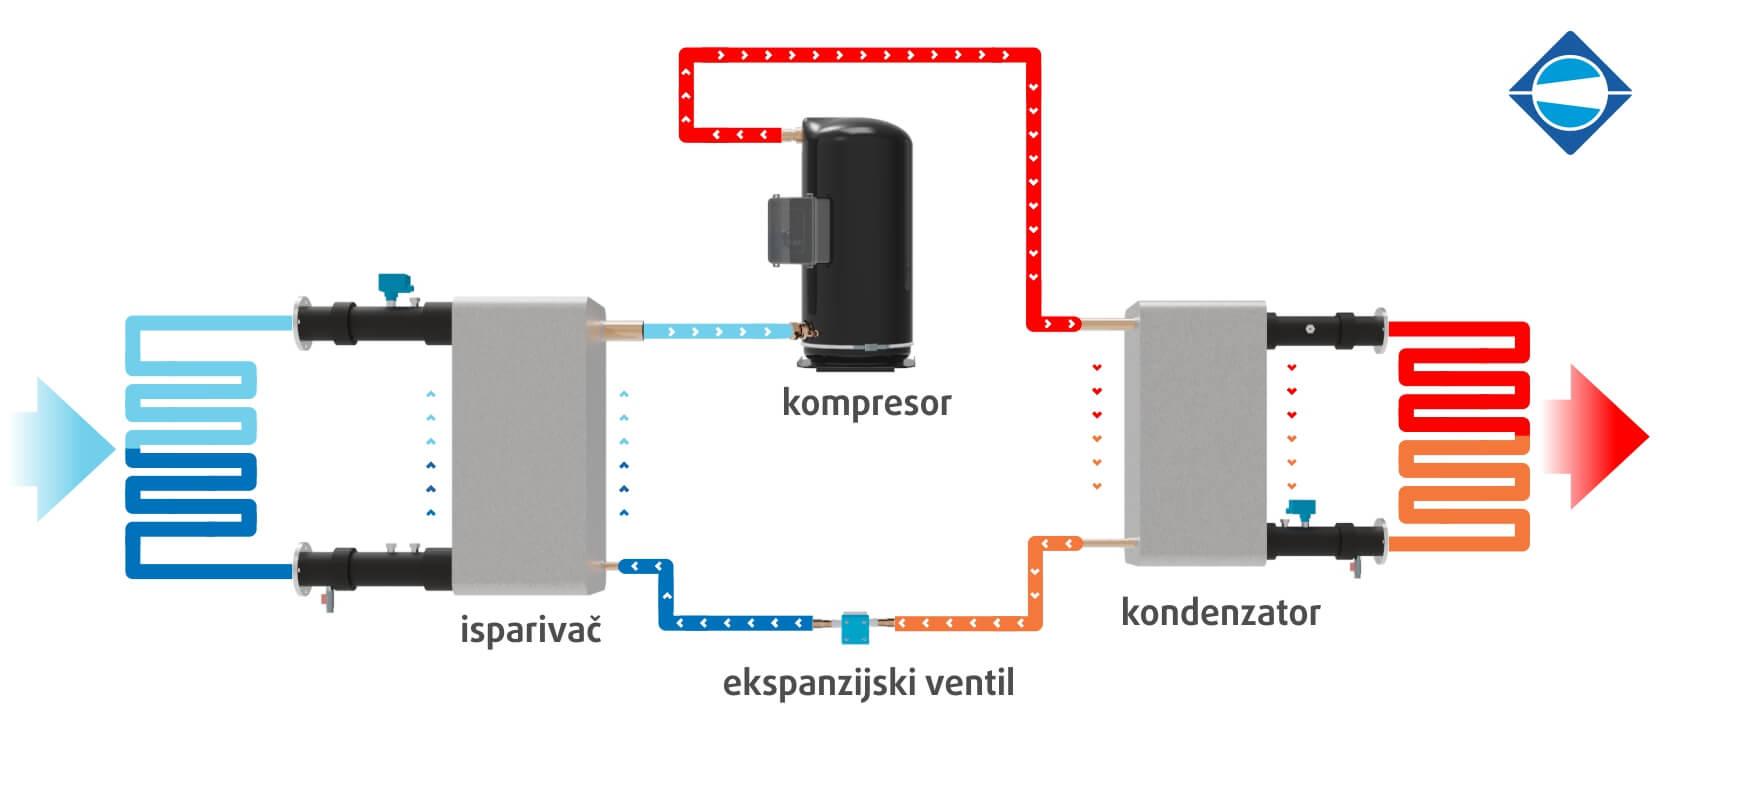 princip-rada-dizalica-topline-voda-voda-dizalica-topline-zrak-voda-menerga-rewatemp